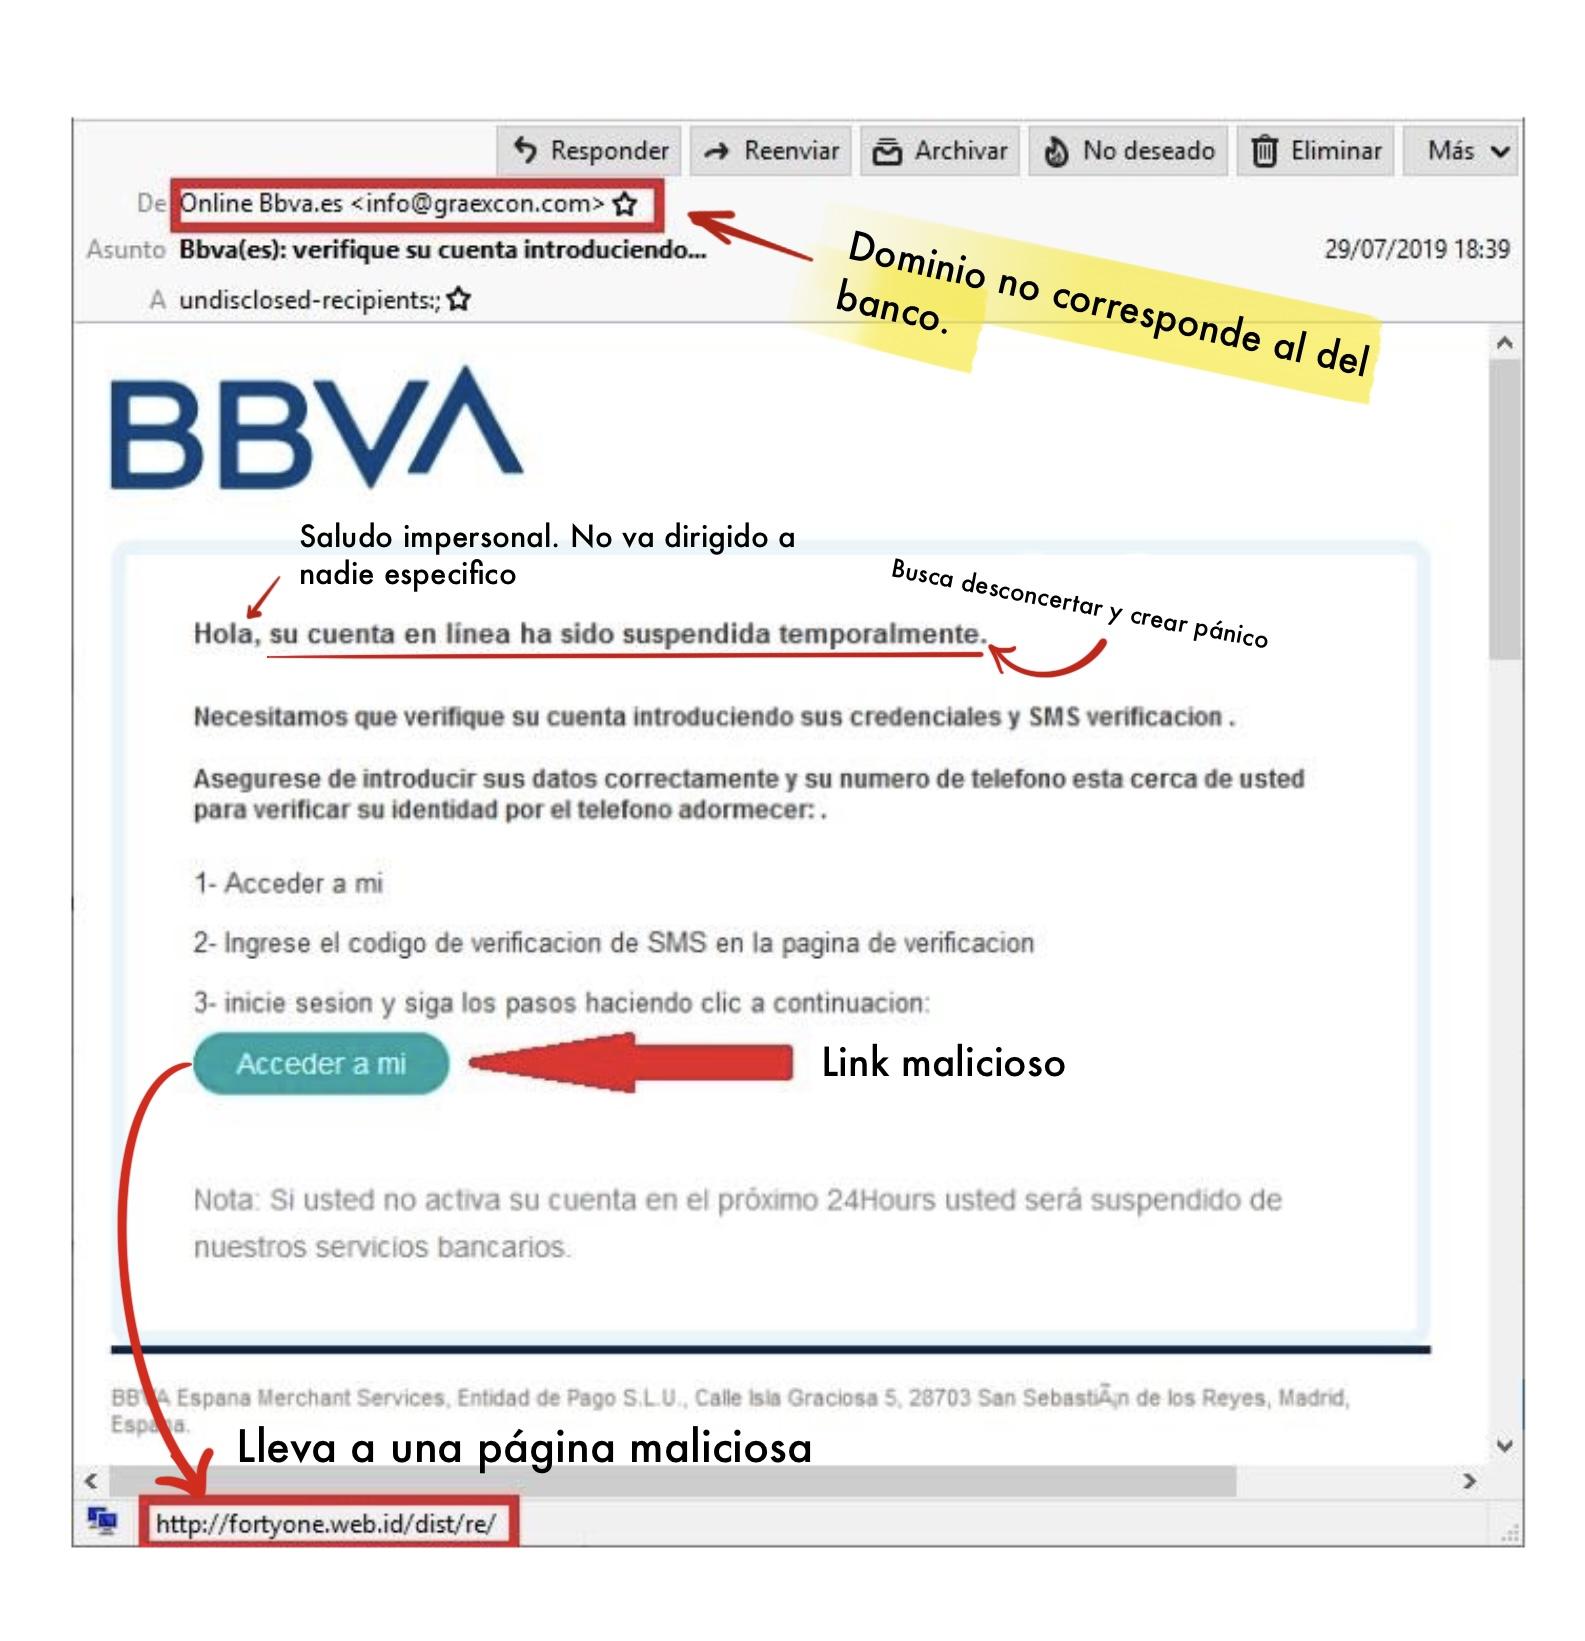 Ejemplo de un ataque de phishing por medio de correo electrónico